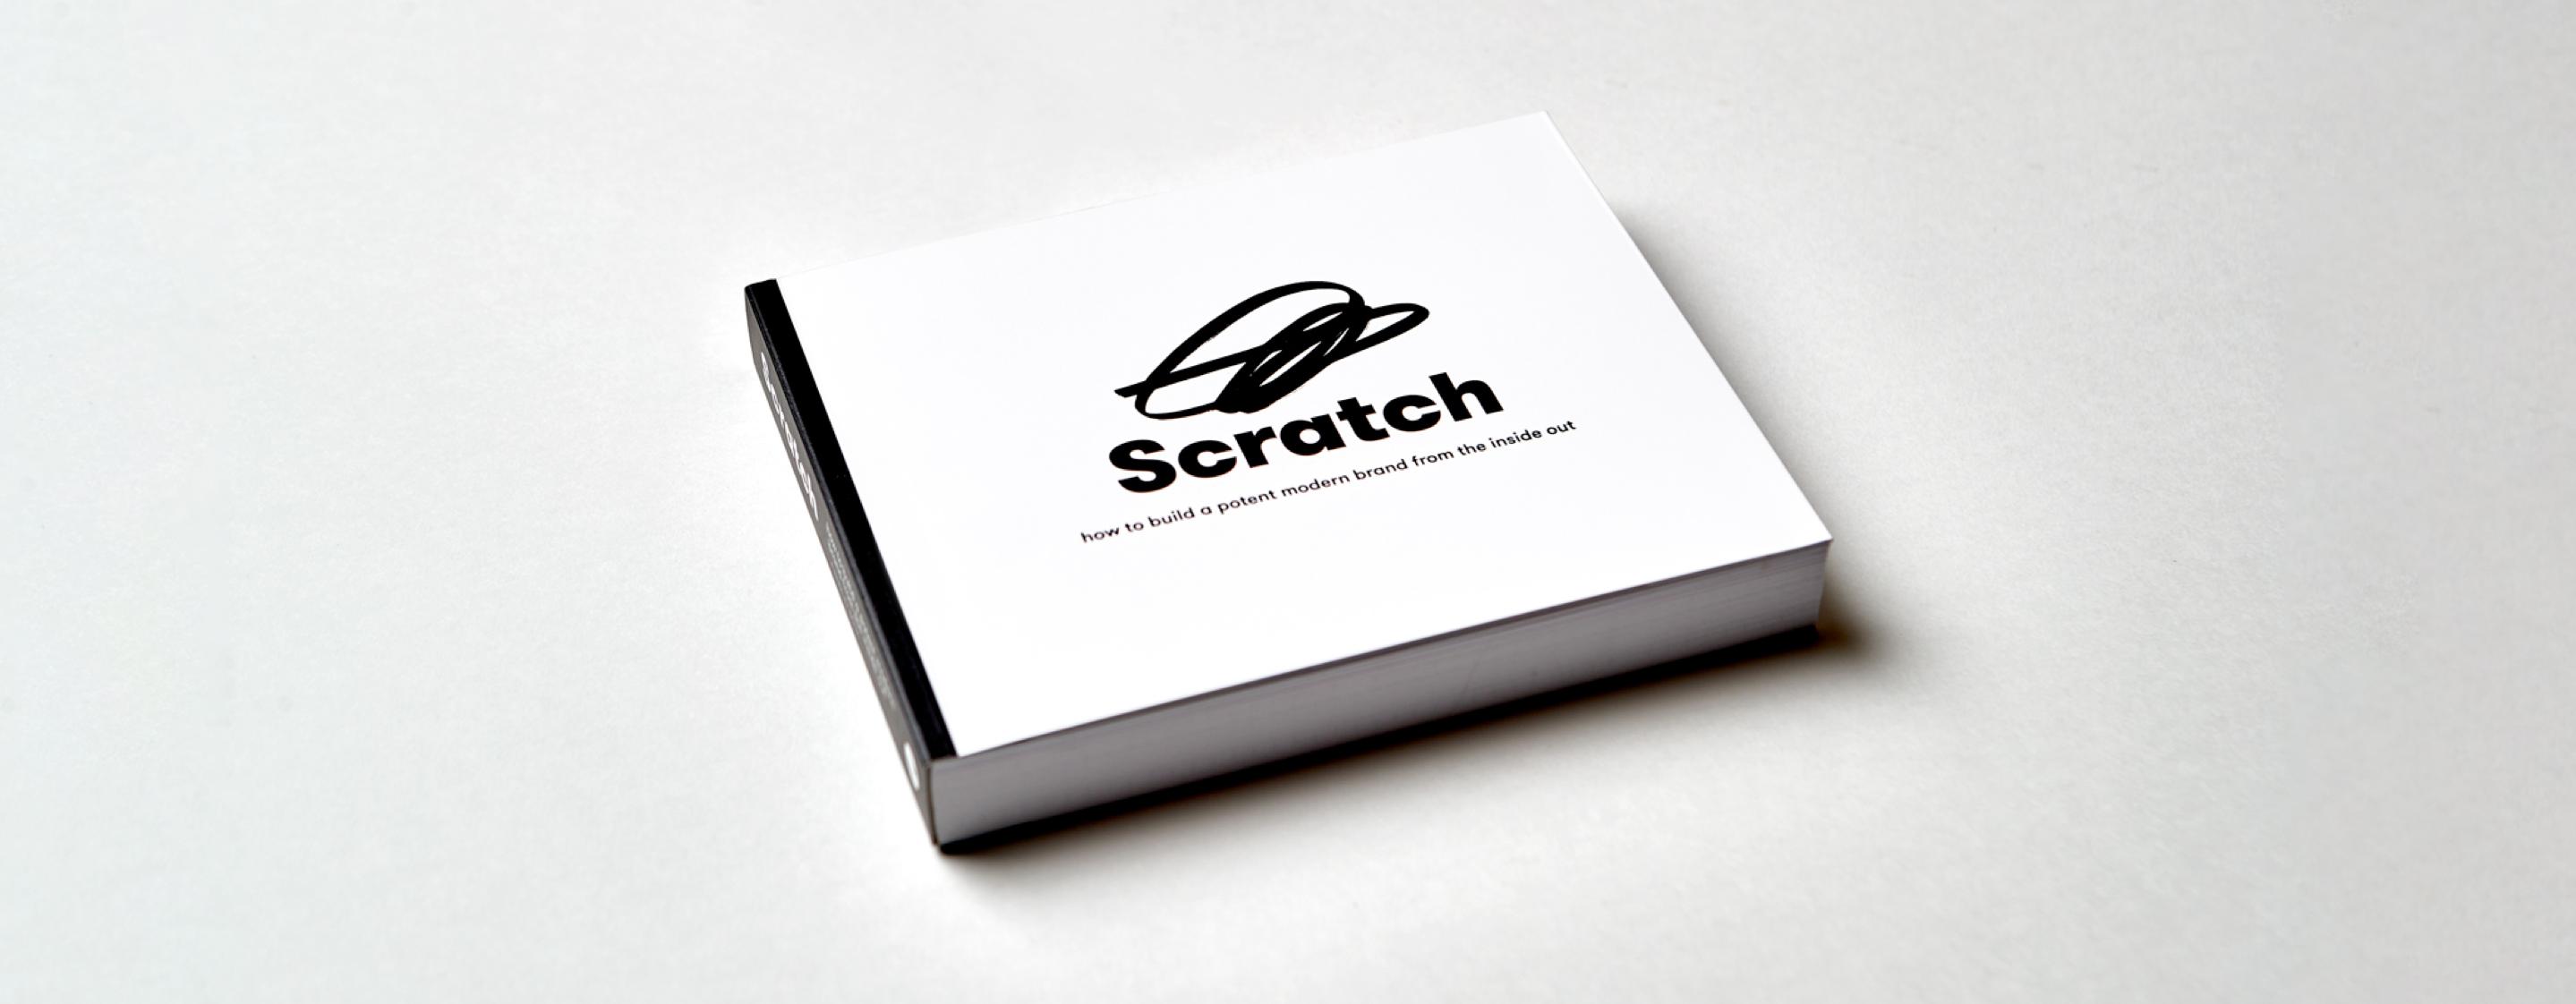 Scratch Book